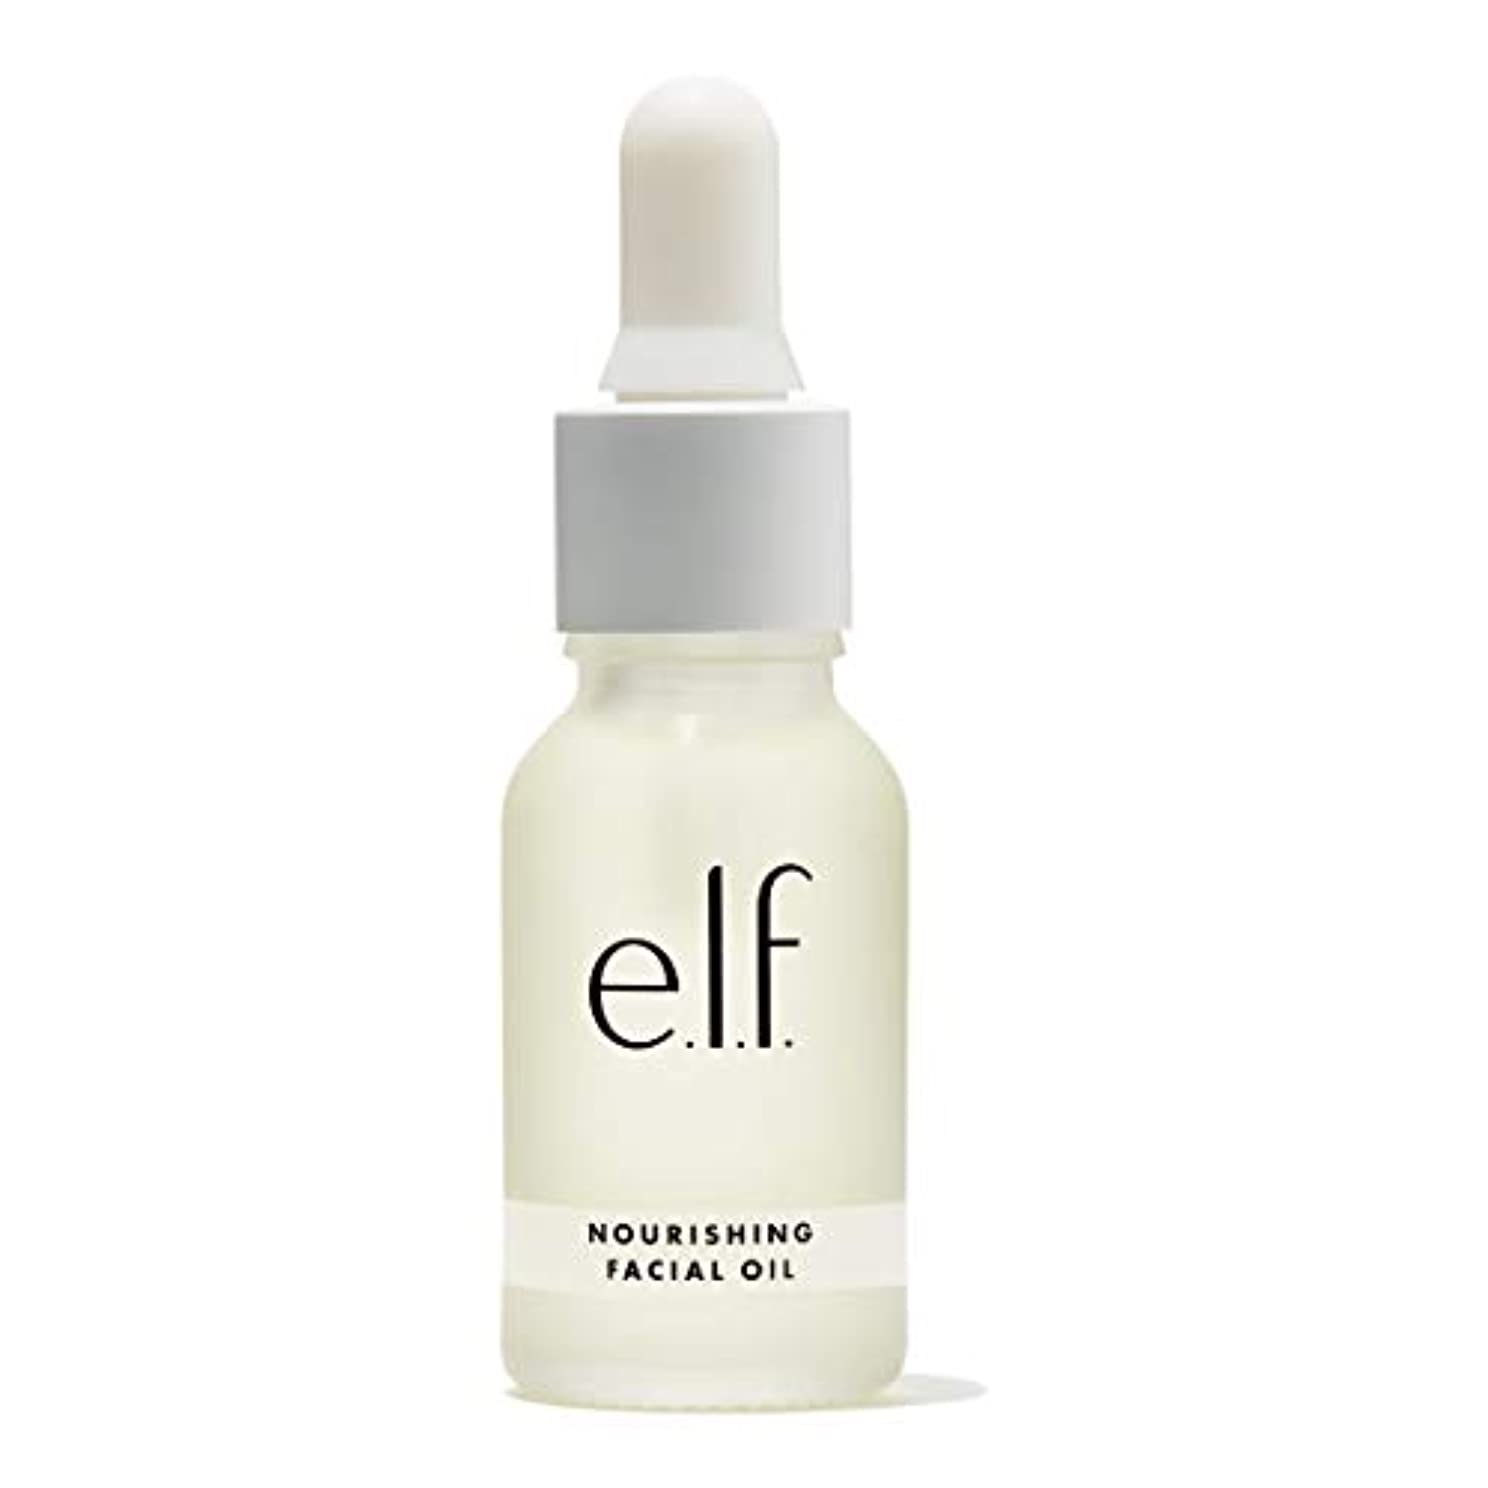 新しさ怒りハンディ(6 Pack) e.l.f. Nourishing Facial Oil (並行輸入品)